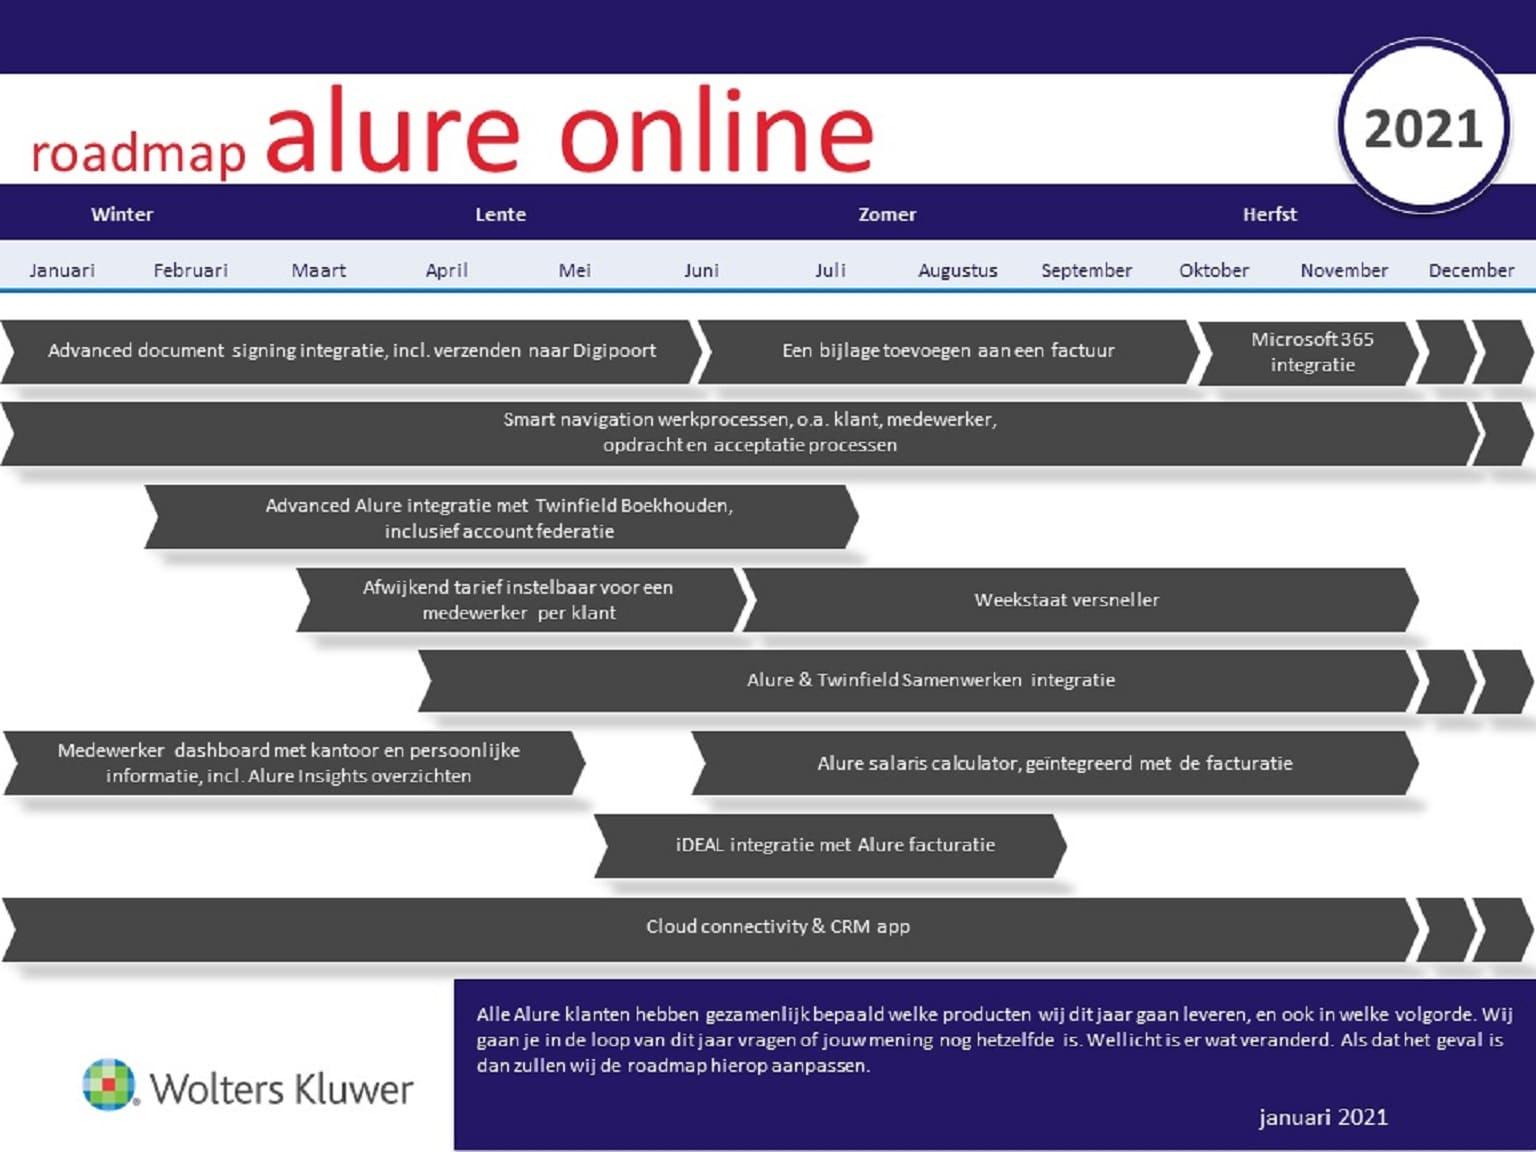 Alure Online Roadmap 2021